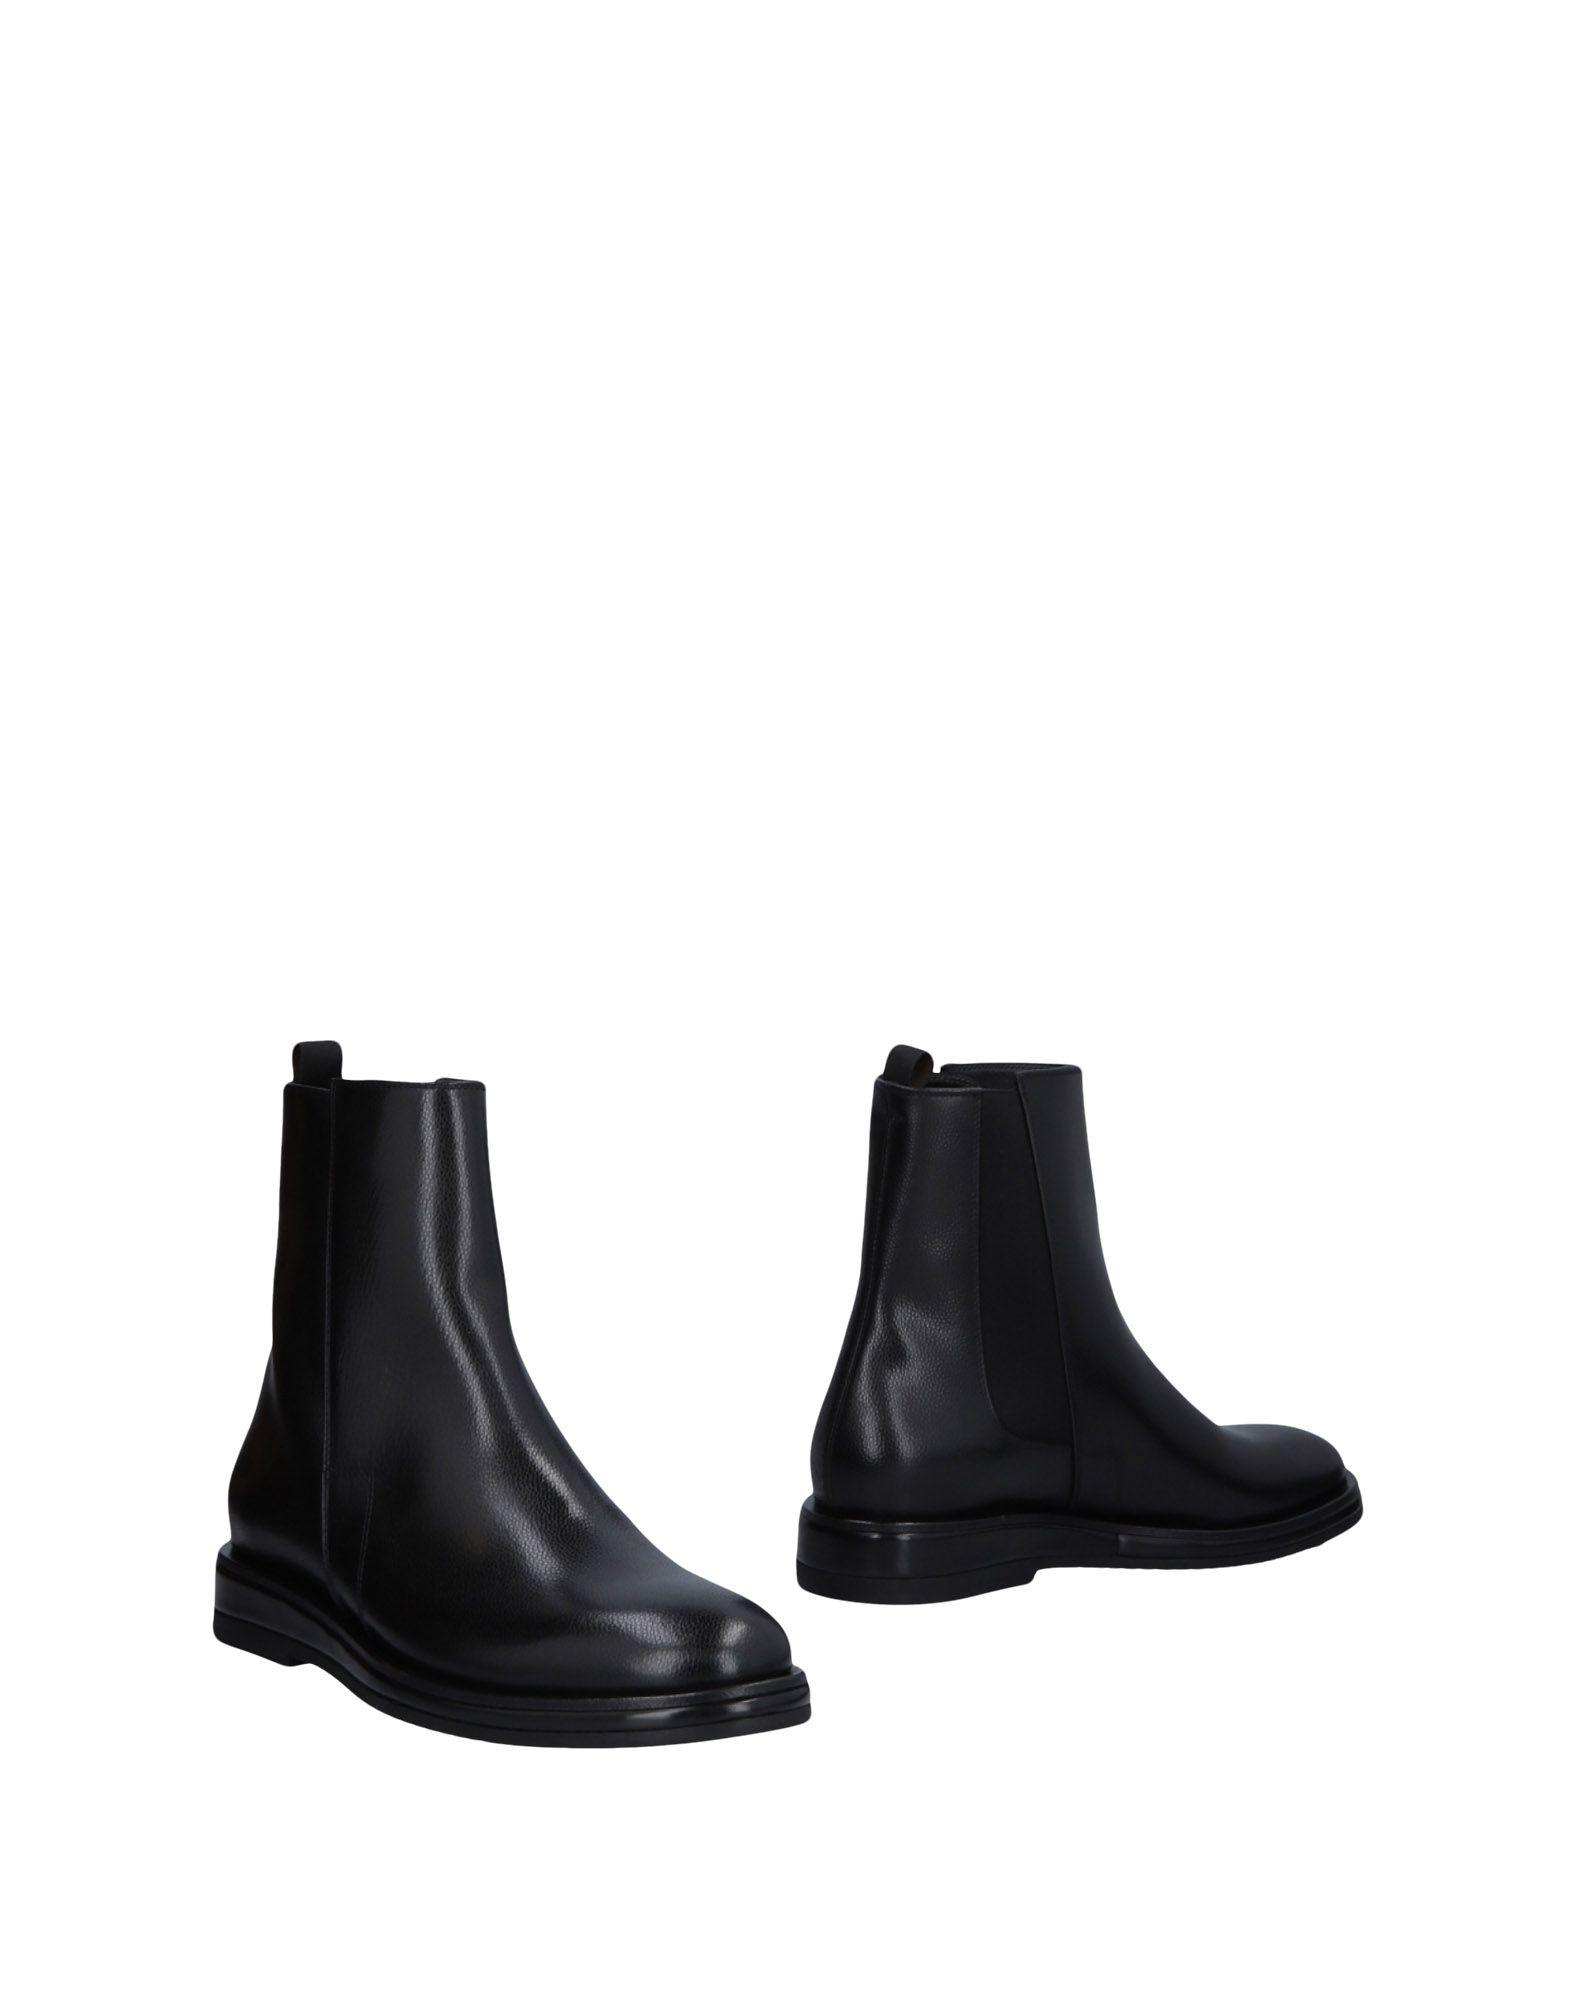 Calvin Klein Collection Stiefelette Herren  11471068MD Gute Qualität beliebte Schuhe